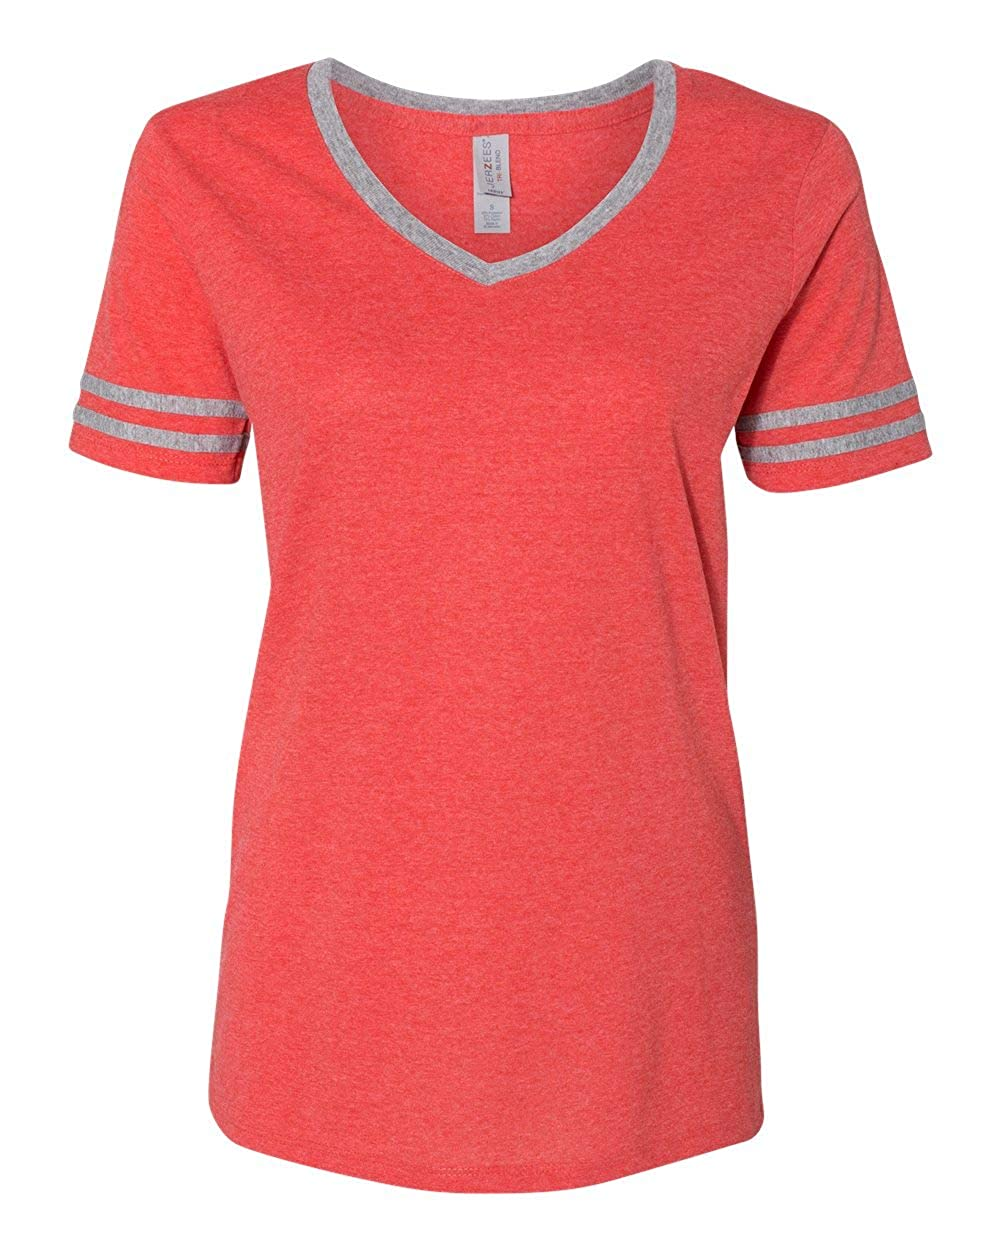 Jerzees SHIRT レディース B078S6JB5P Fiery Red Heather/ Oxford Small Small|Fiery Red Heather/ Oxford